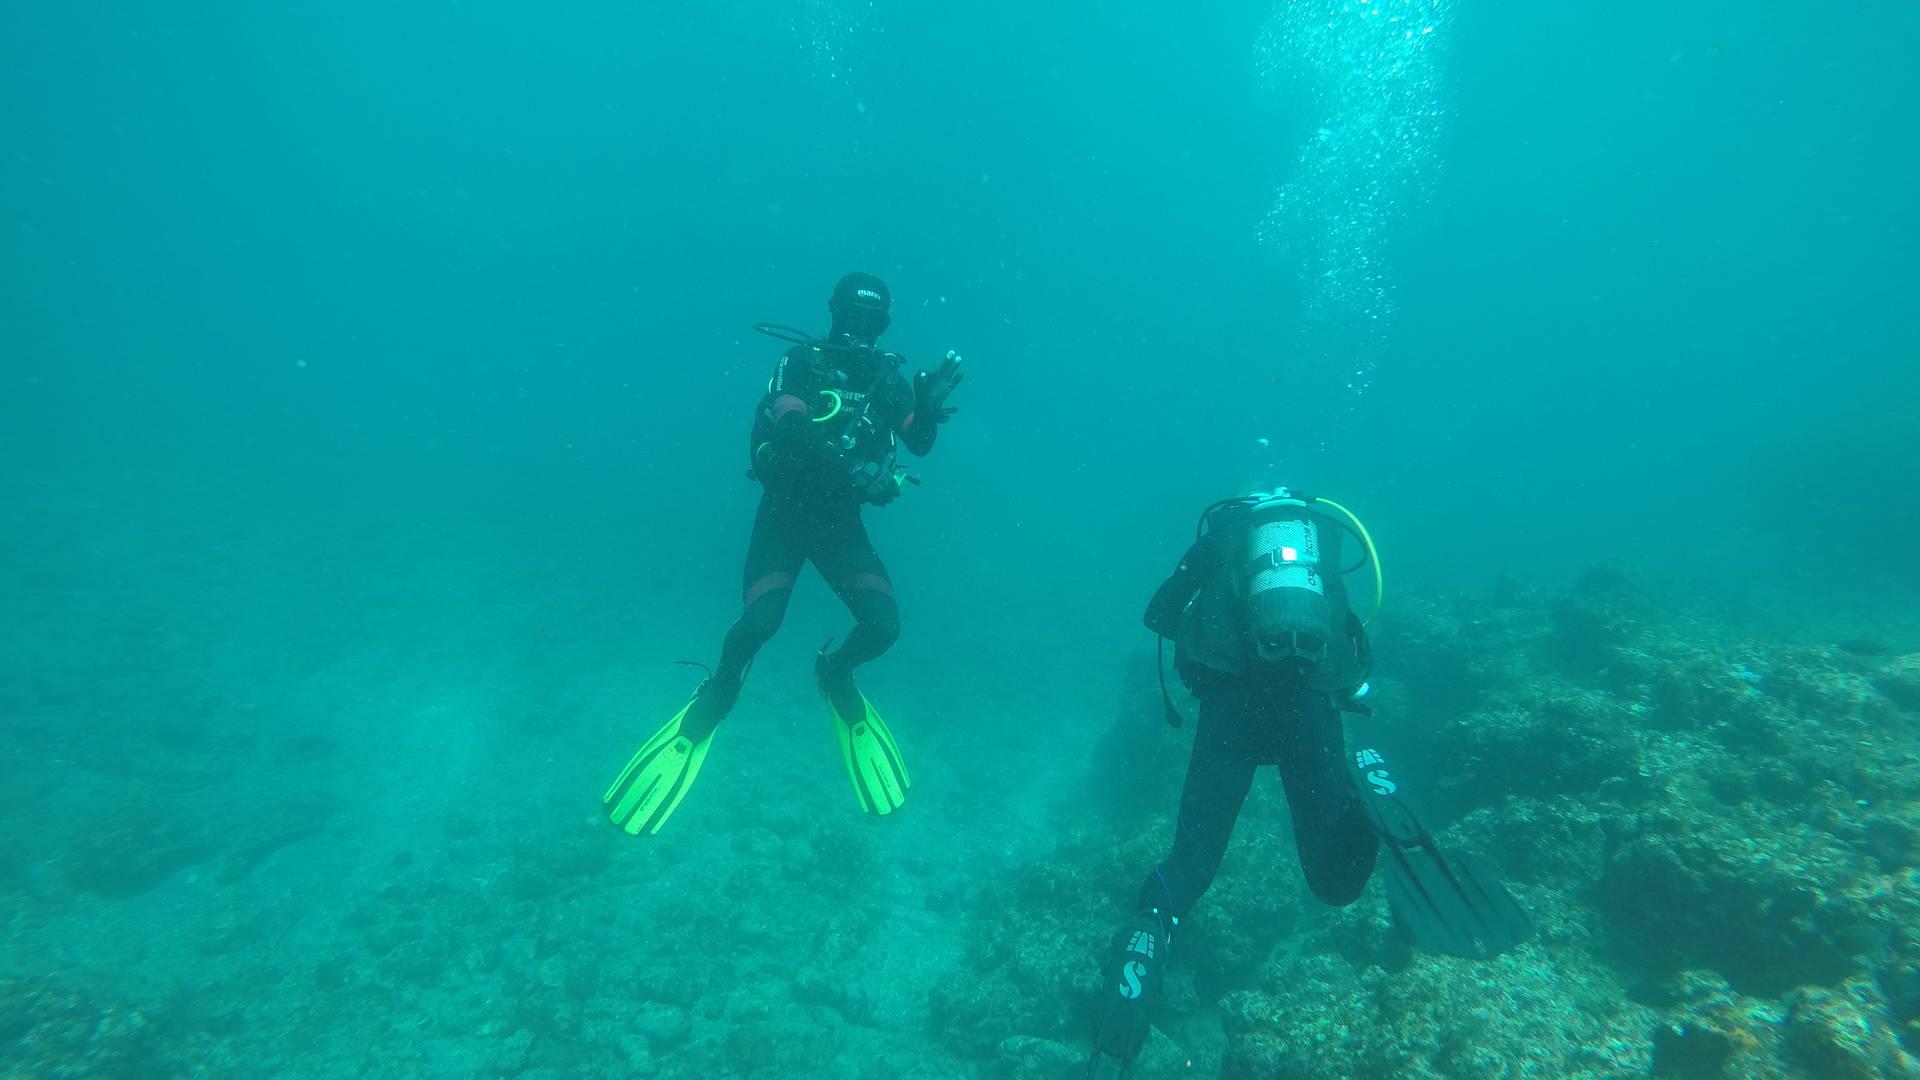 duiken voor de kust van Sal - Duiken in Kaapverdië - activiteiten